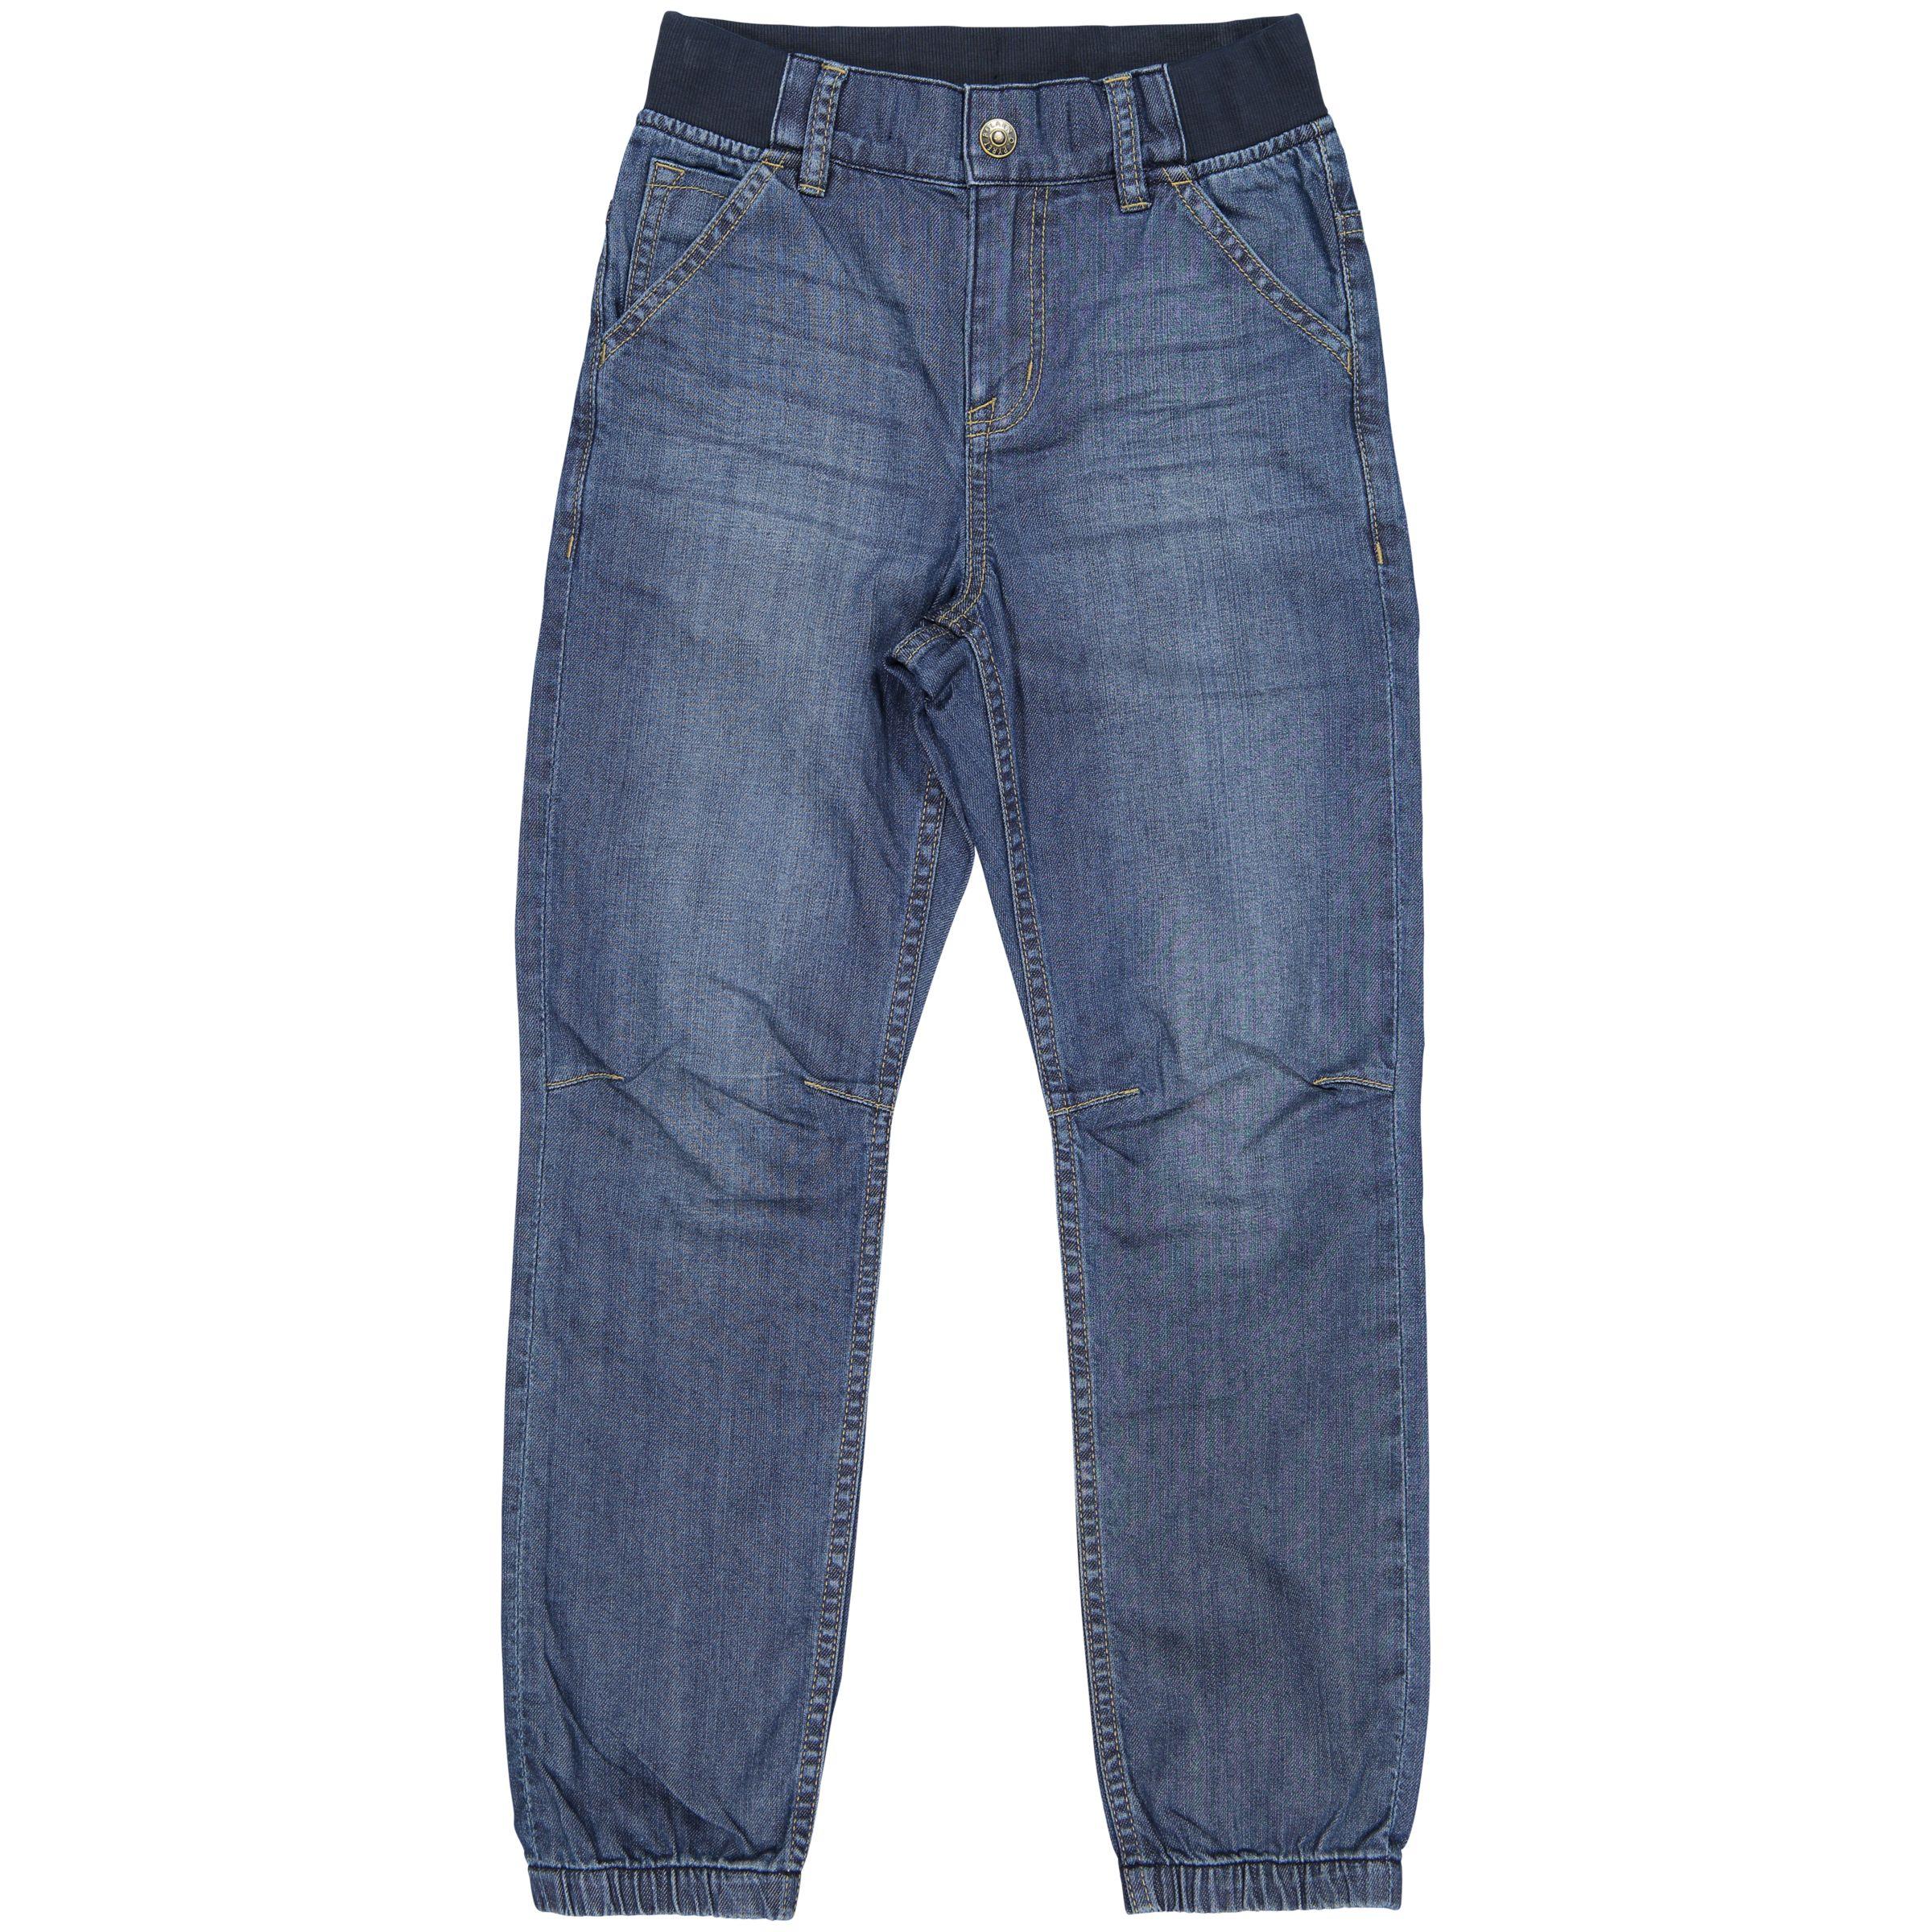 Polarn O. Pyret Polarn O. Pyret Children's Cuffed Denim Jeans, Blue